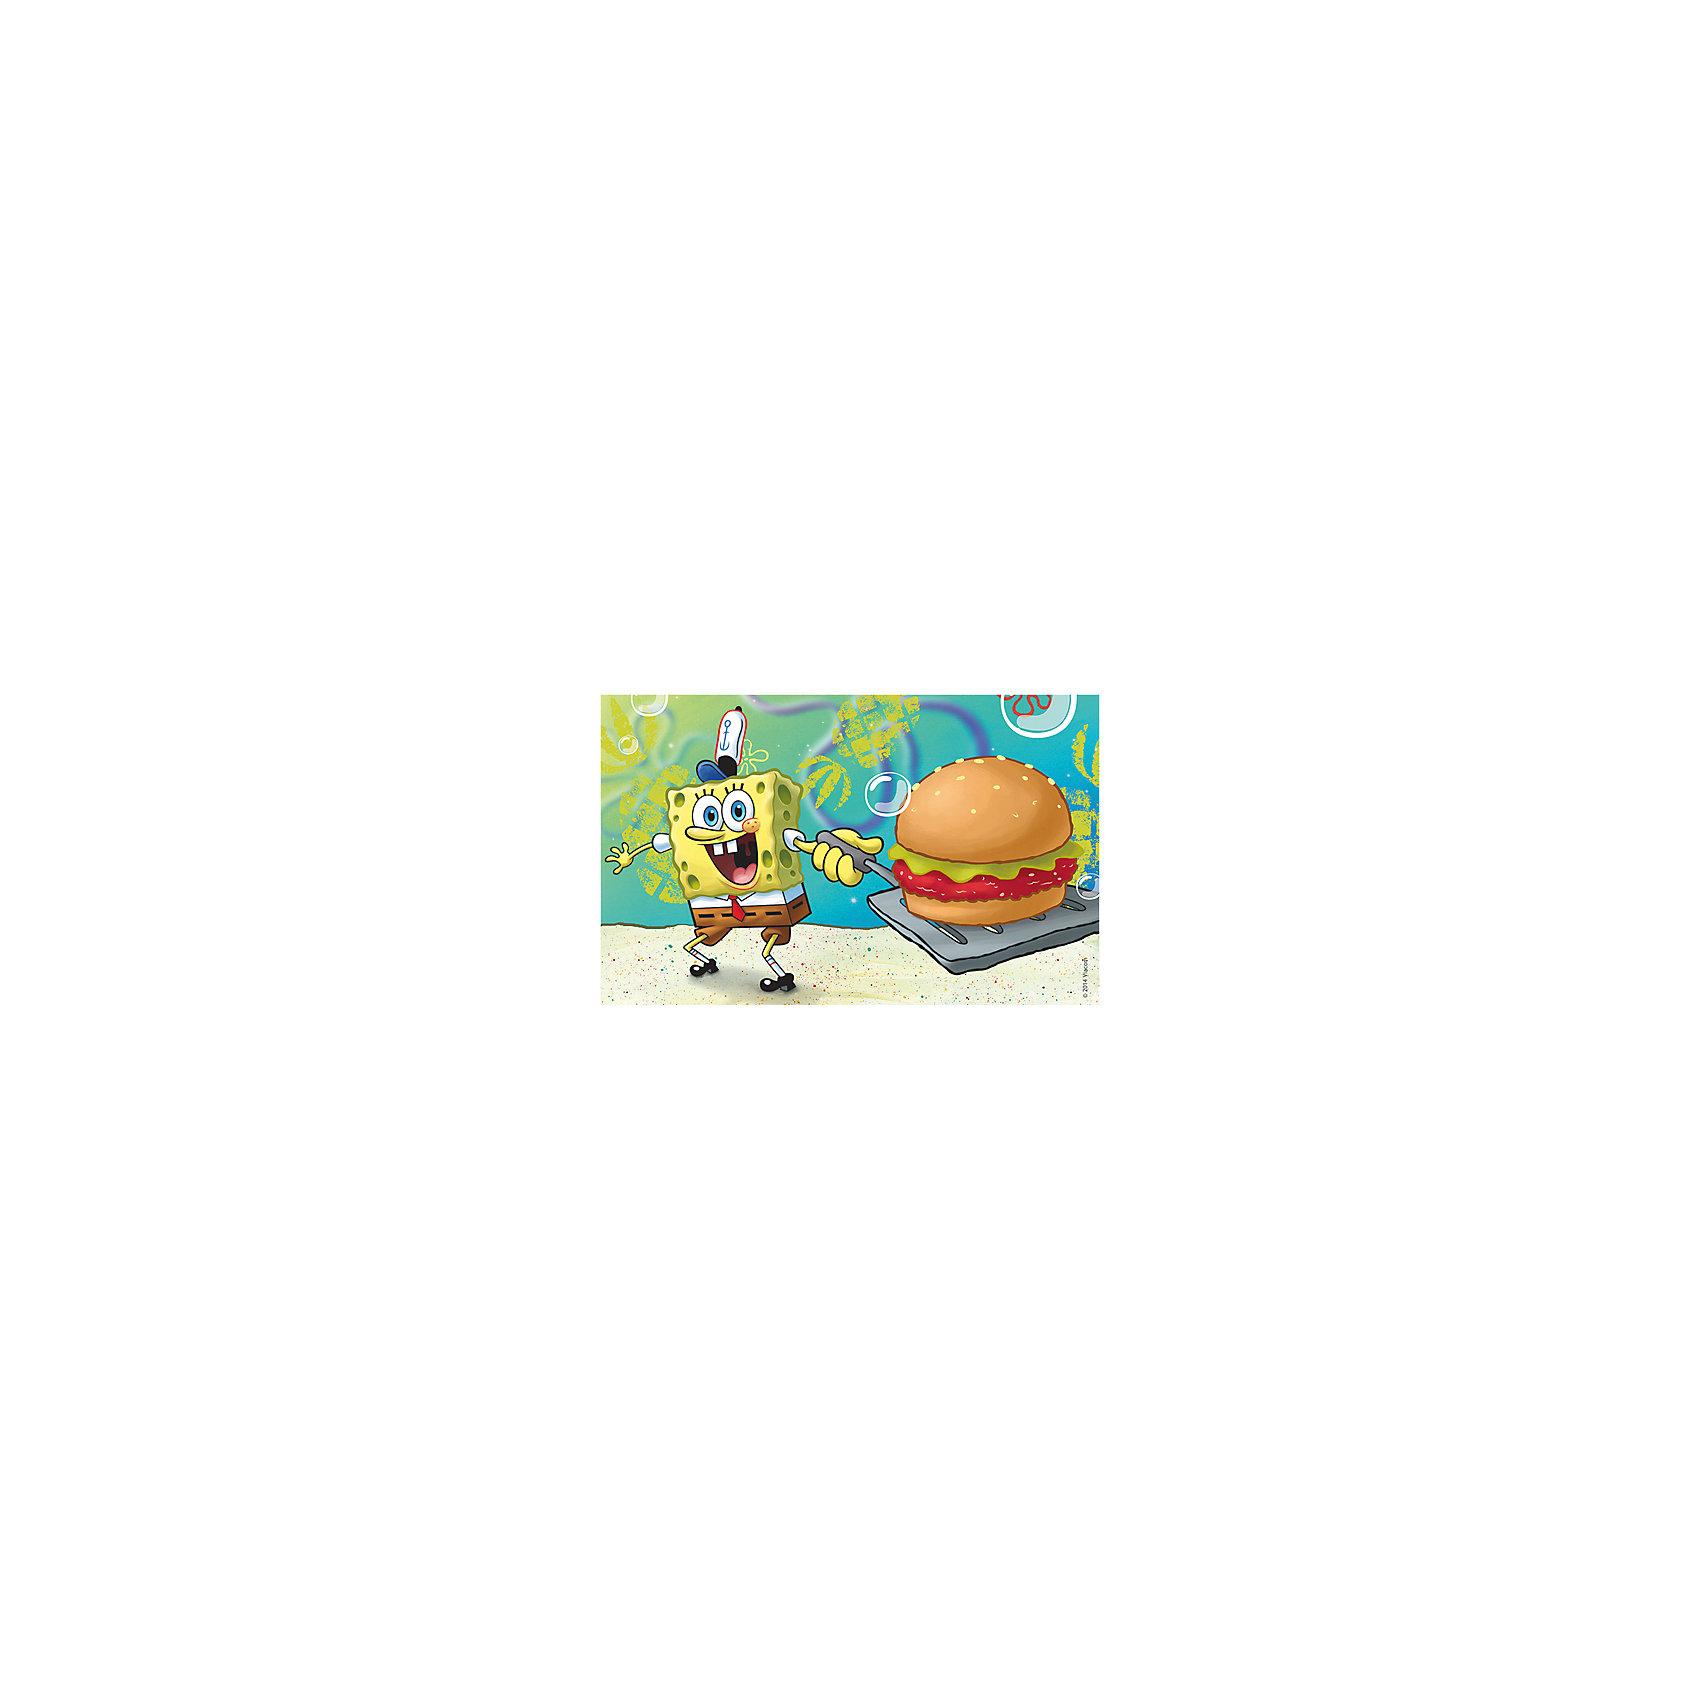 Cалфетка Крабсбургер 44*28 см, Губка БобCалфетка Крабсбургер 44*28 см, Губка Боб - эта салфетка не только украсит стол, но и защитит его от различных повреждений.<br>Термосалфетка под столовые приборы Крабсбургер, оформленная рисунком с изображением Губки Боба идеально впишется в интерьер любой кухни. Она будет незаменимым и полезным аксессуаром, так как защитит поверхность столешницы от воздействия высоких температур и повреждений, и уменьшит шум от посуды. Ваш стол будет украшен яркой красочной салфеткой, а оригинальный рисунок поднимет аппетит и настроение вам и вашему ребенку! Салфетка проста в уходе, легко моется и быстро сохнет. Обладает отличной износостойкостью и водонепроницаемостью.<br><br>Дополнительная информация:<br><br>- Размер: 44х28 см.<br>- Материал: термоустойчивый, экологически чистый полипропилен<br><br>Cалфетку Крабсбургер 44*28 см, Губка Боб можно купить в нашем интернет-магазине.<br><br>Ширина мм: 440<br>Глубина мм: 290<br>Высота мм: 40<br>Вес г: 6<br>Возраст от месяцев: 36<br>Возраст до месяцев: 144<br>Пол: Унисекс<br>Возраст: Детский<br>SKU: 4603875